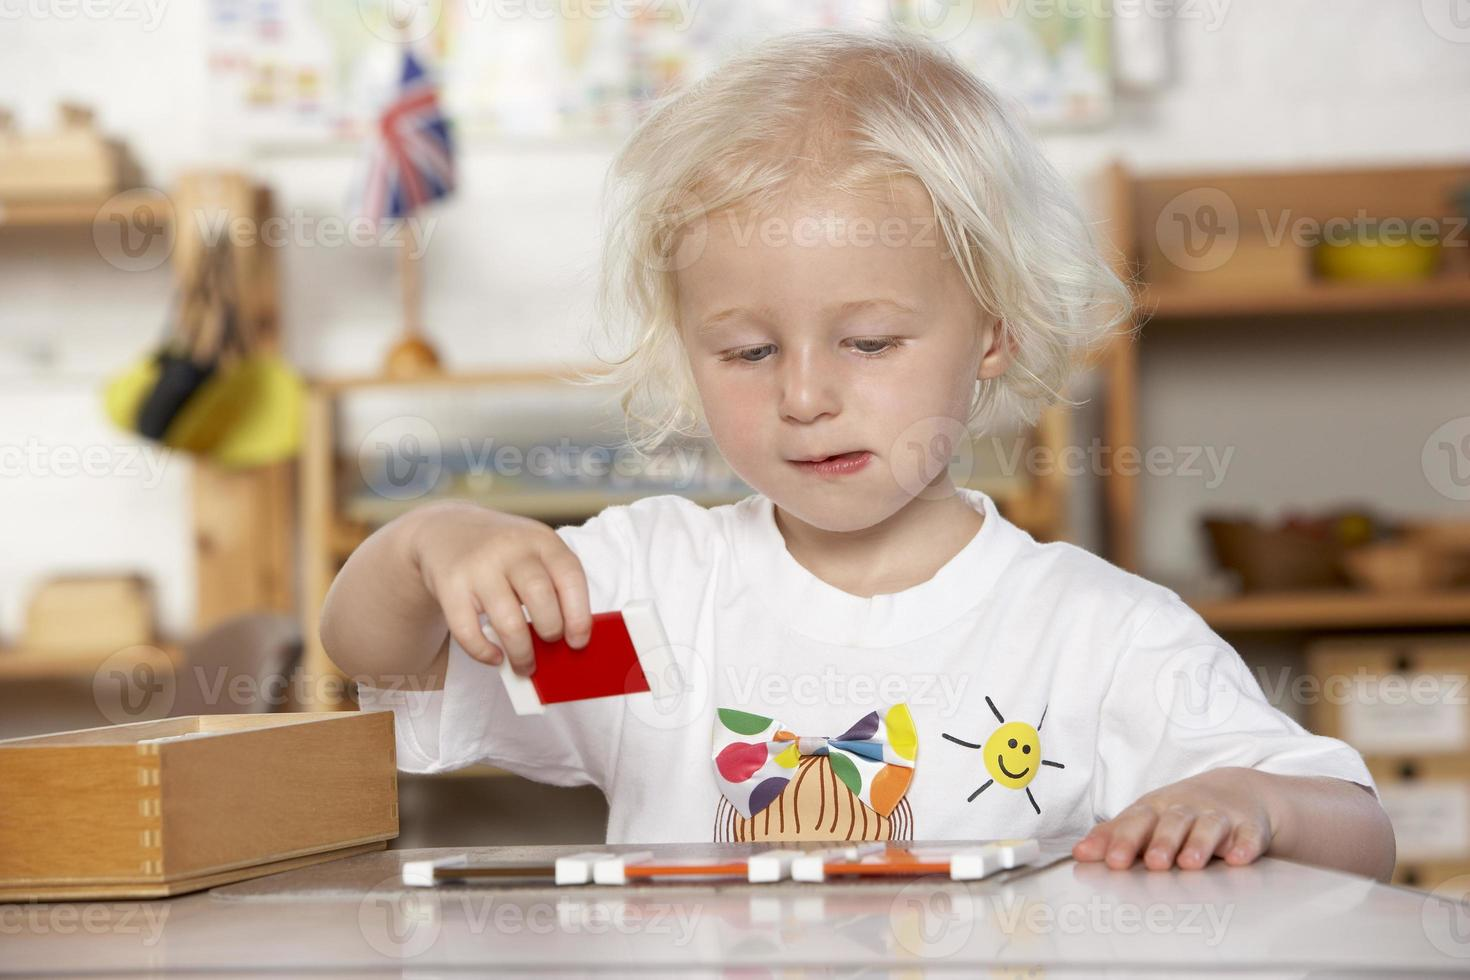 jeune fille jouant à montessori / préscolaire photo